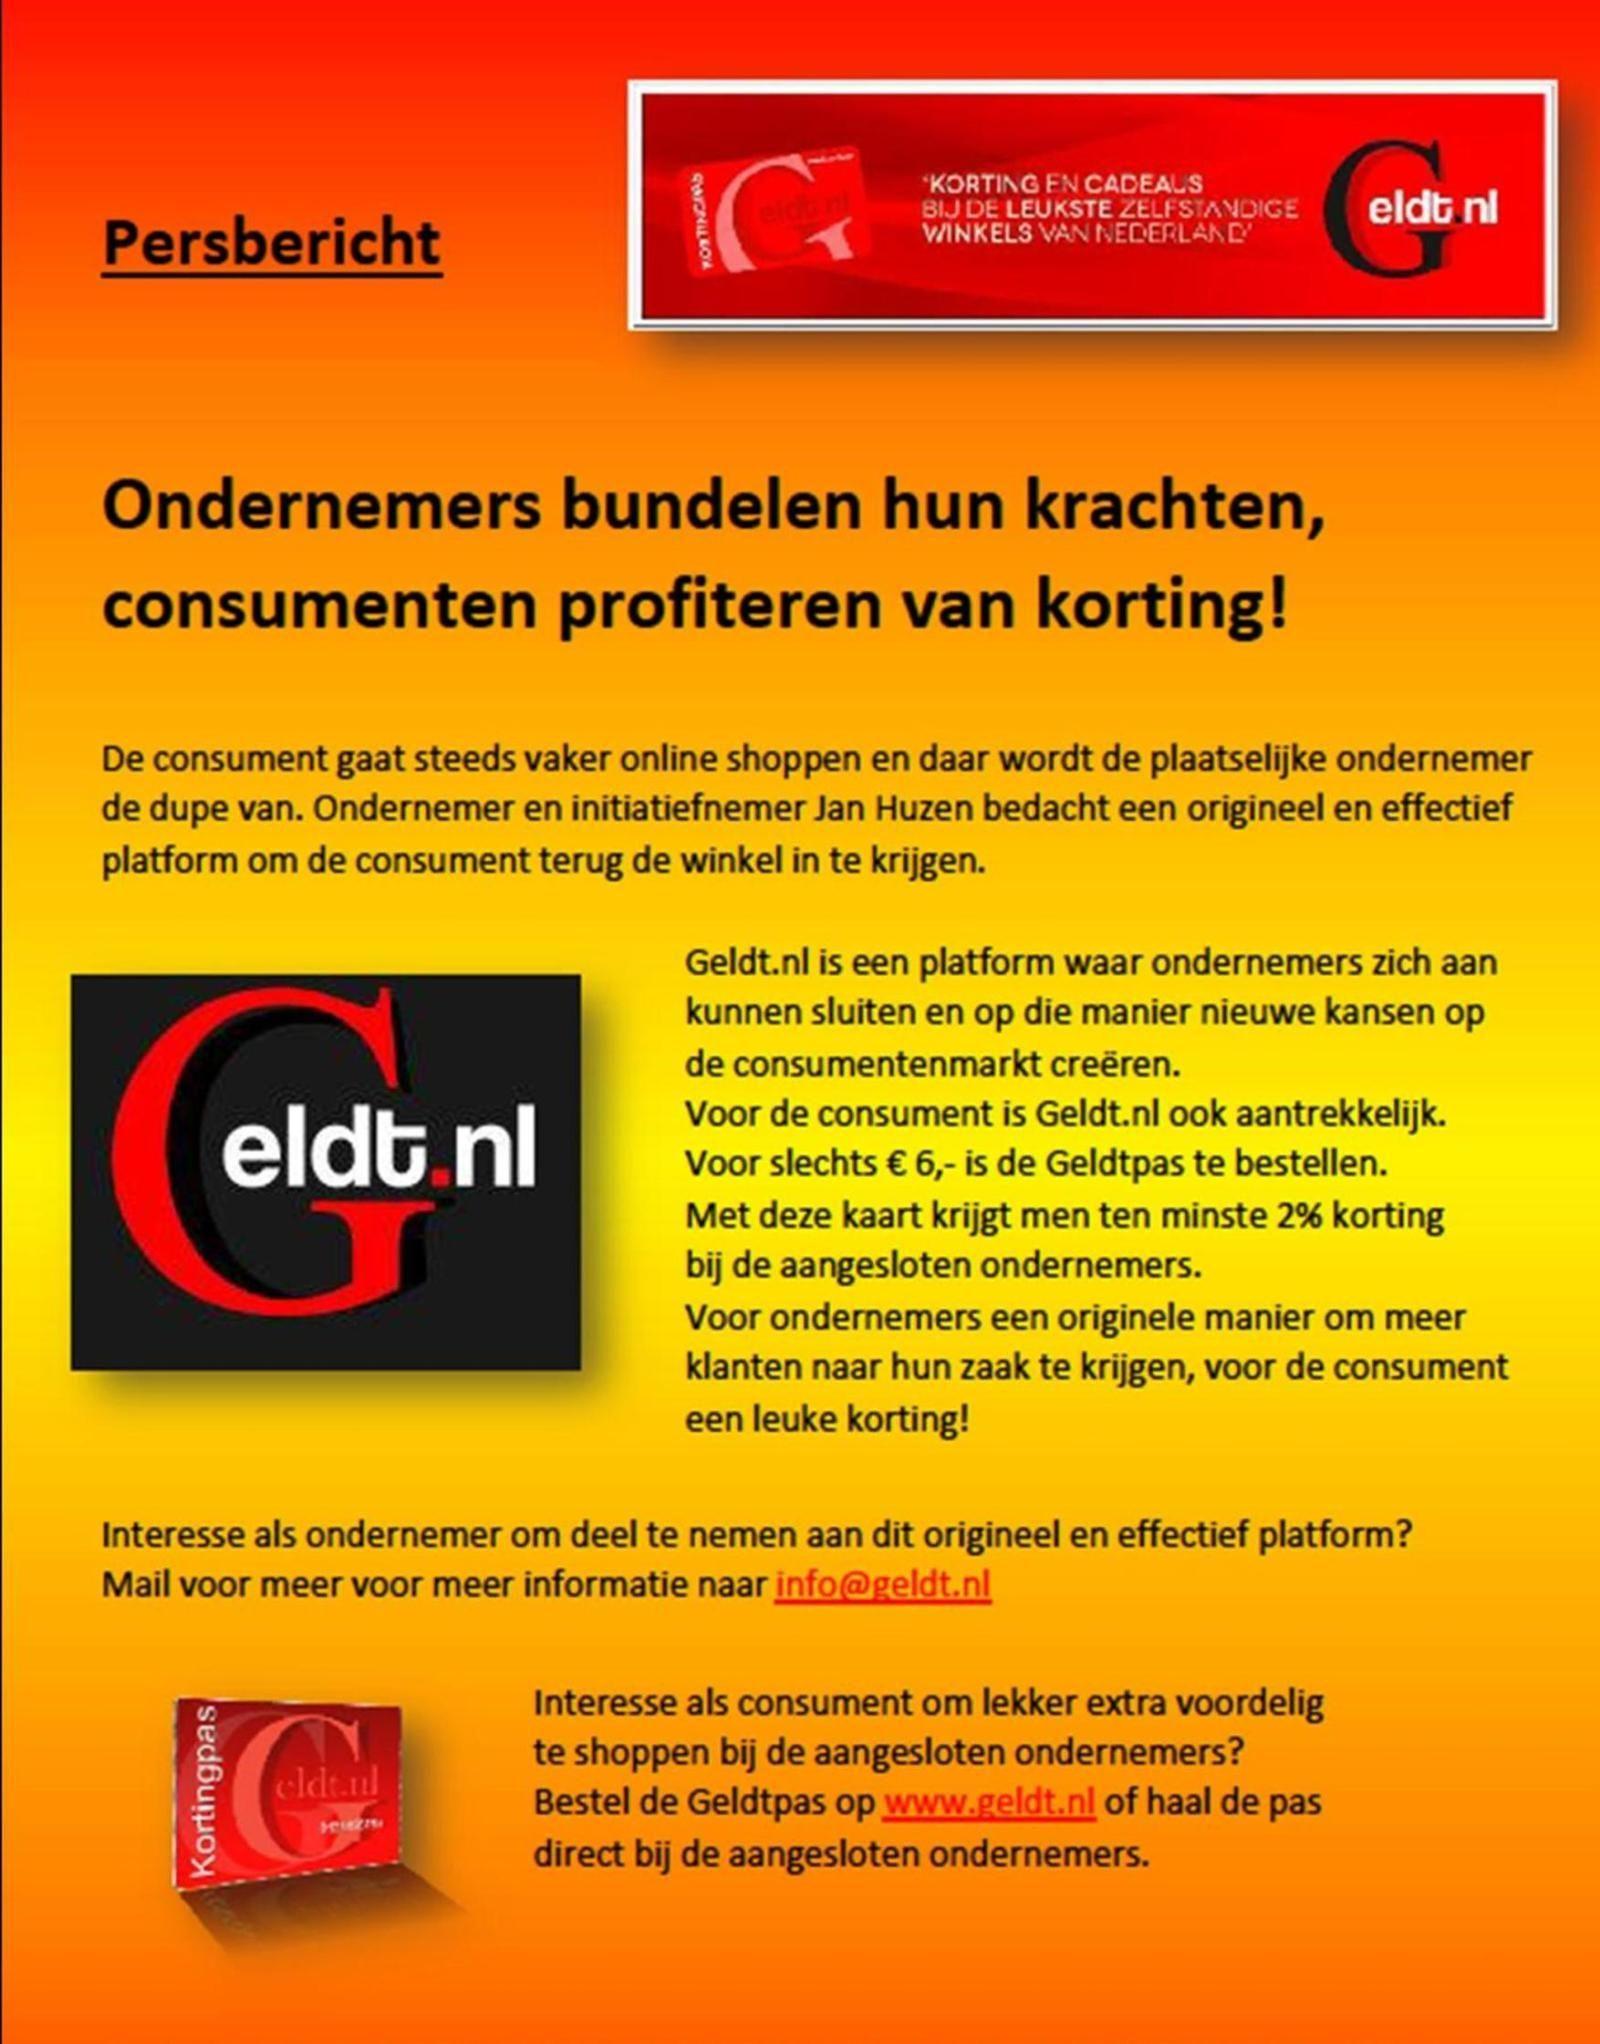 Persbericht Geldt.nl 2